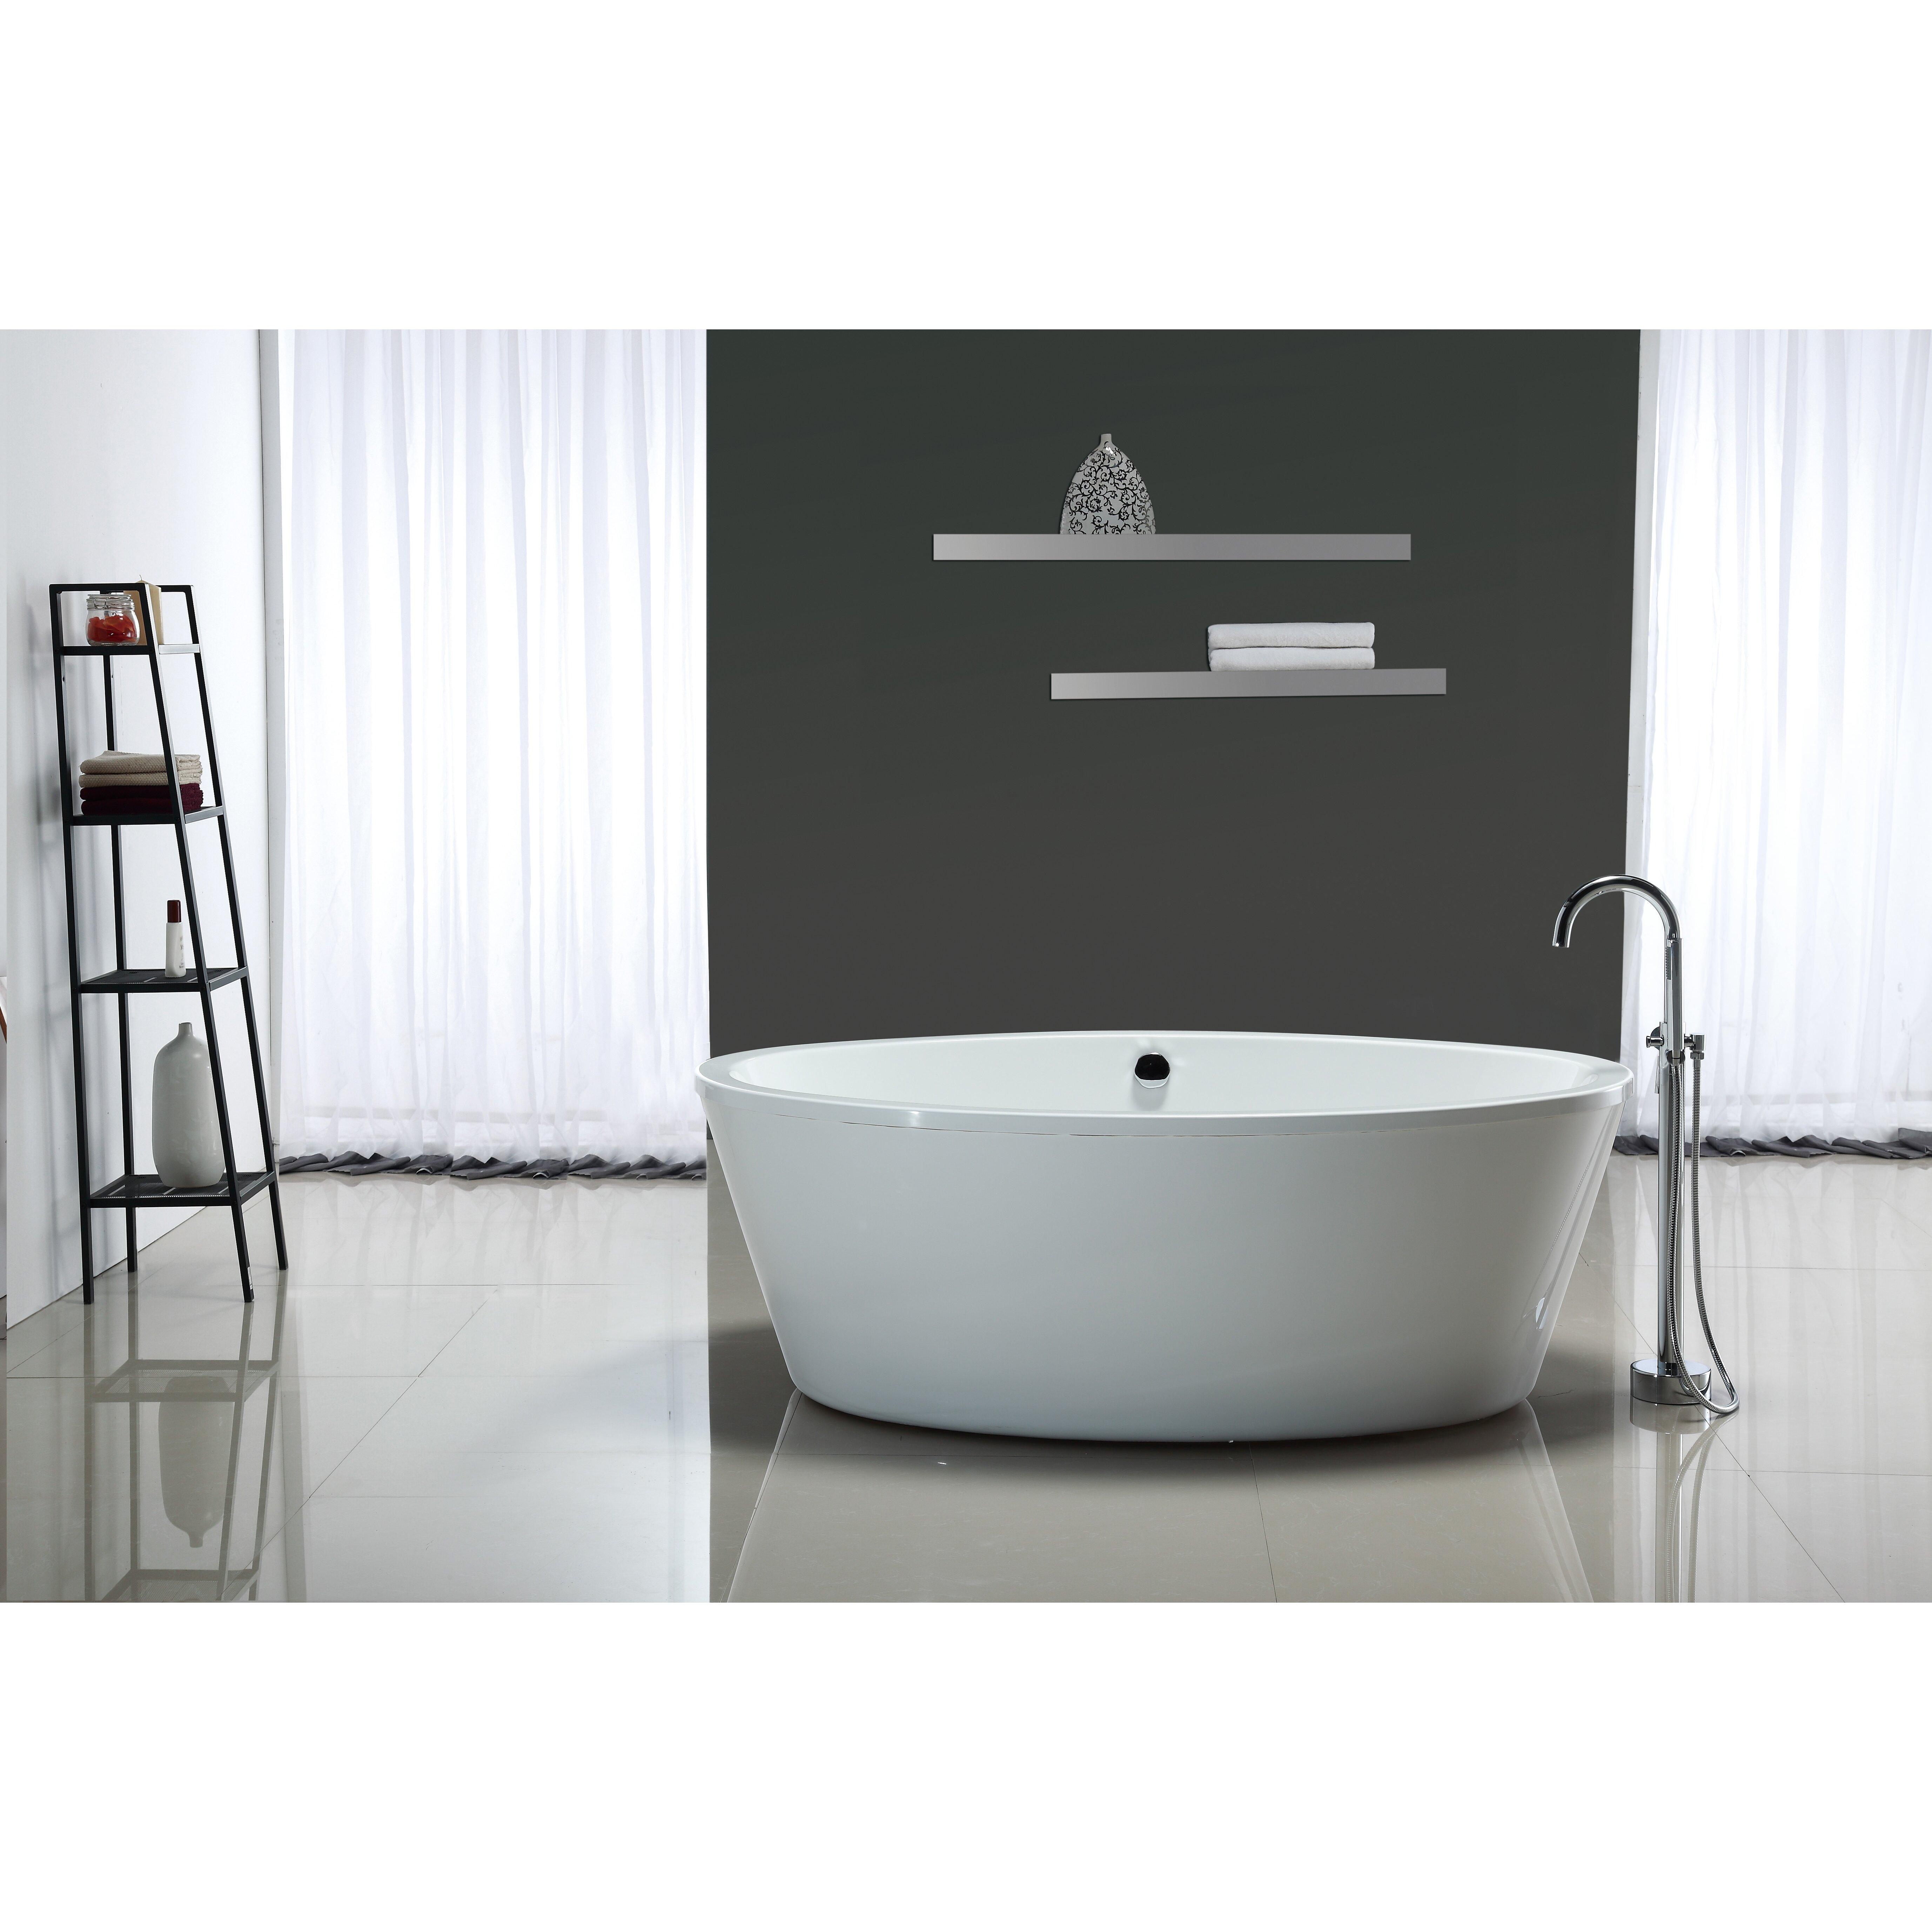 Ove Decors Marilyn 67 Quot X 43 Quot Soaking Bathtub Amp Reviews